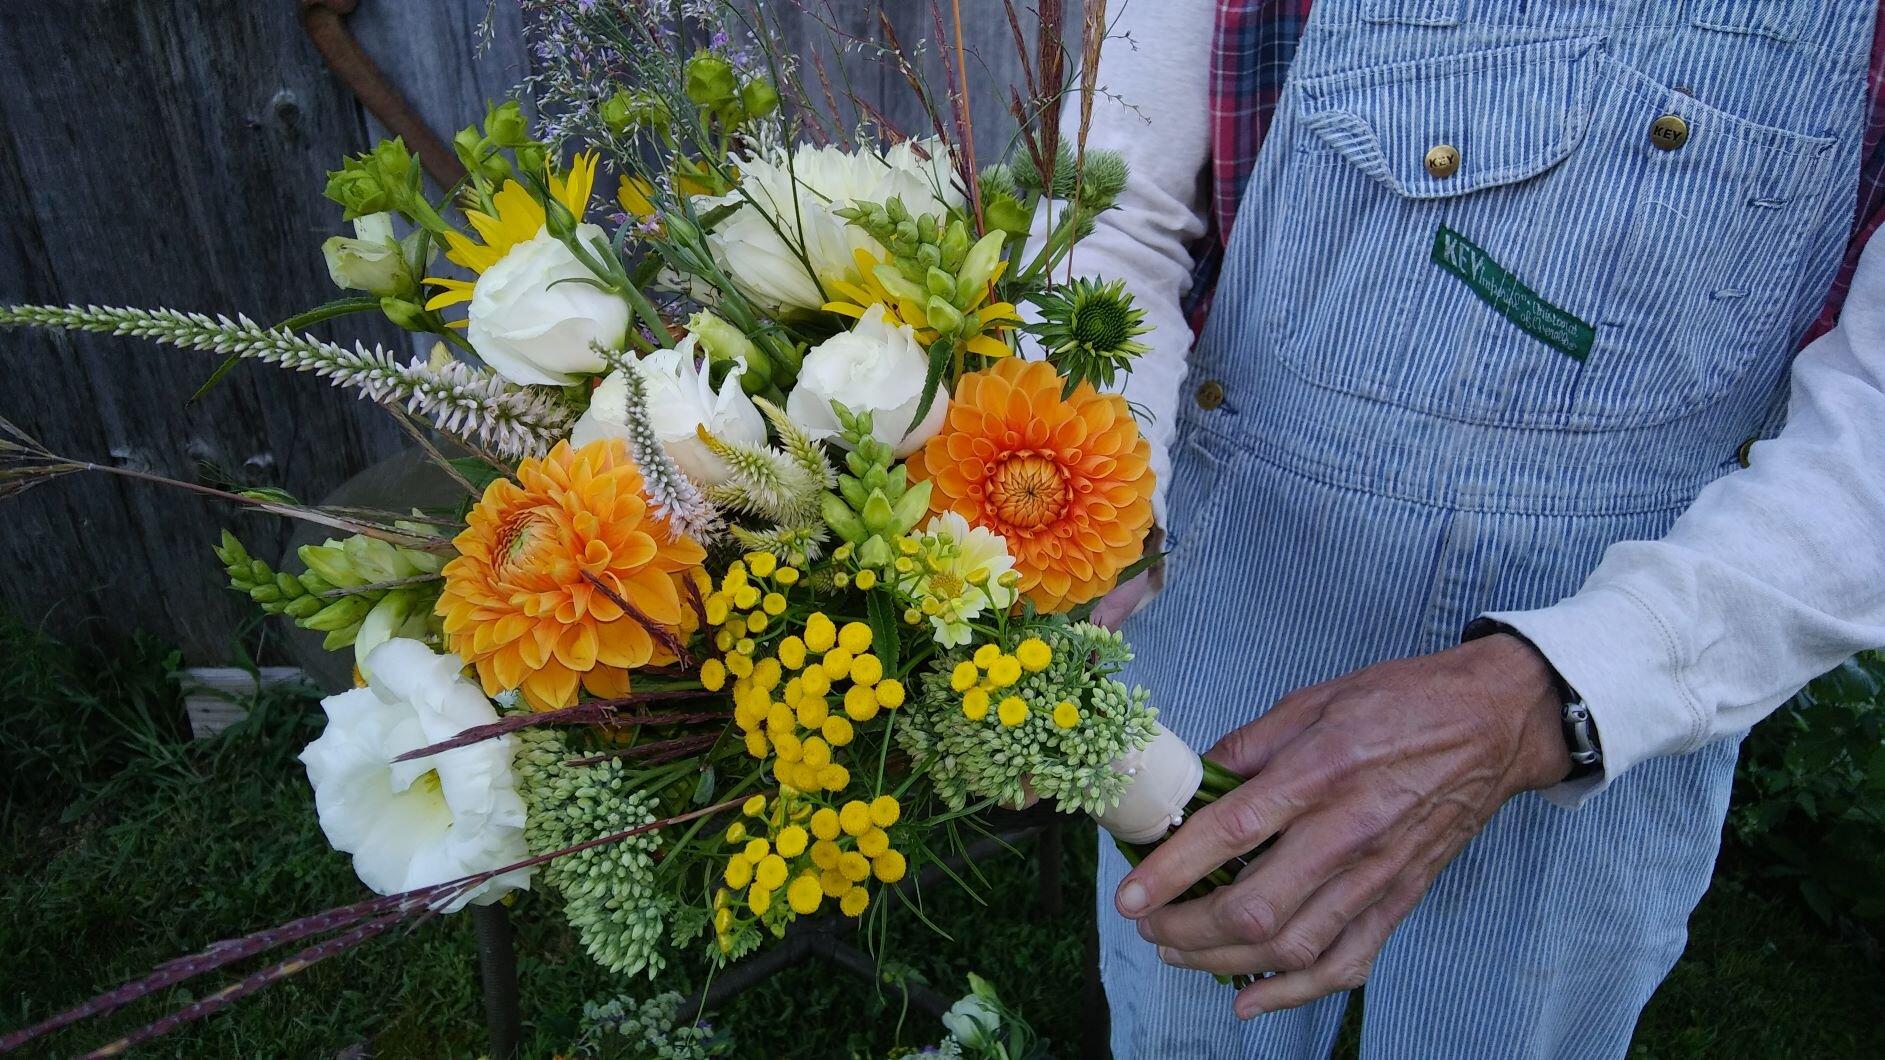 web - bridal bouquet jessie 8  24 - 19.jpg